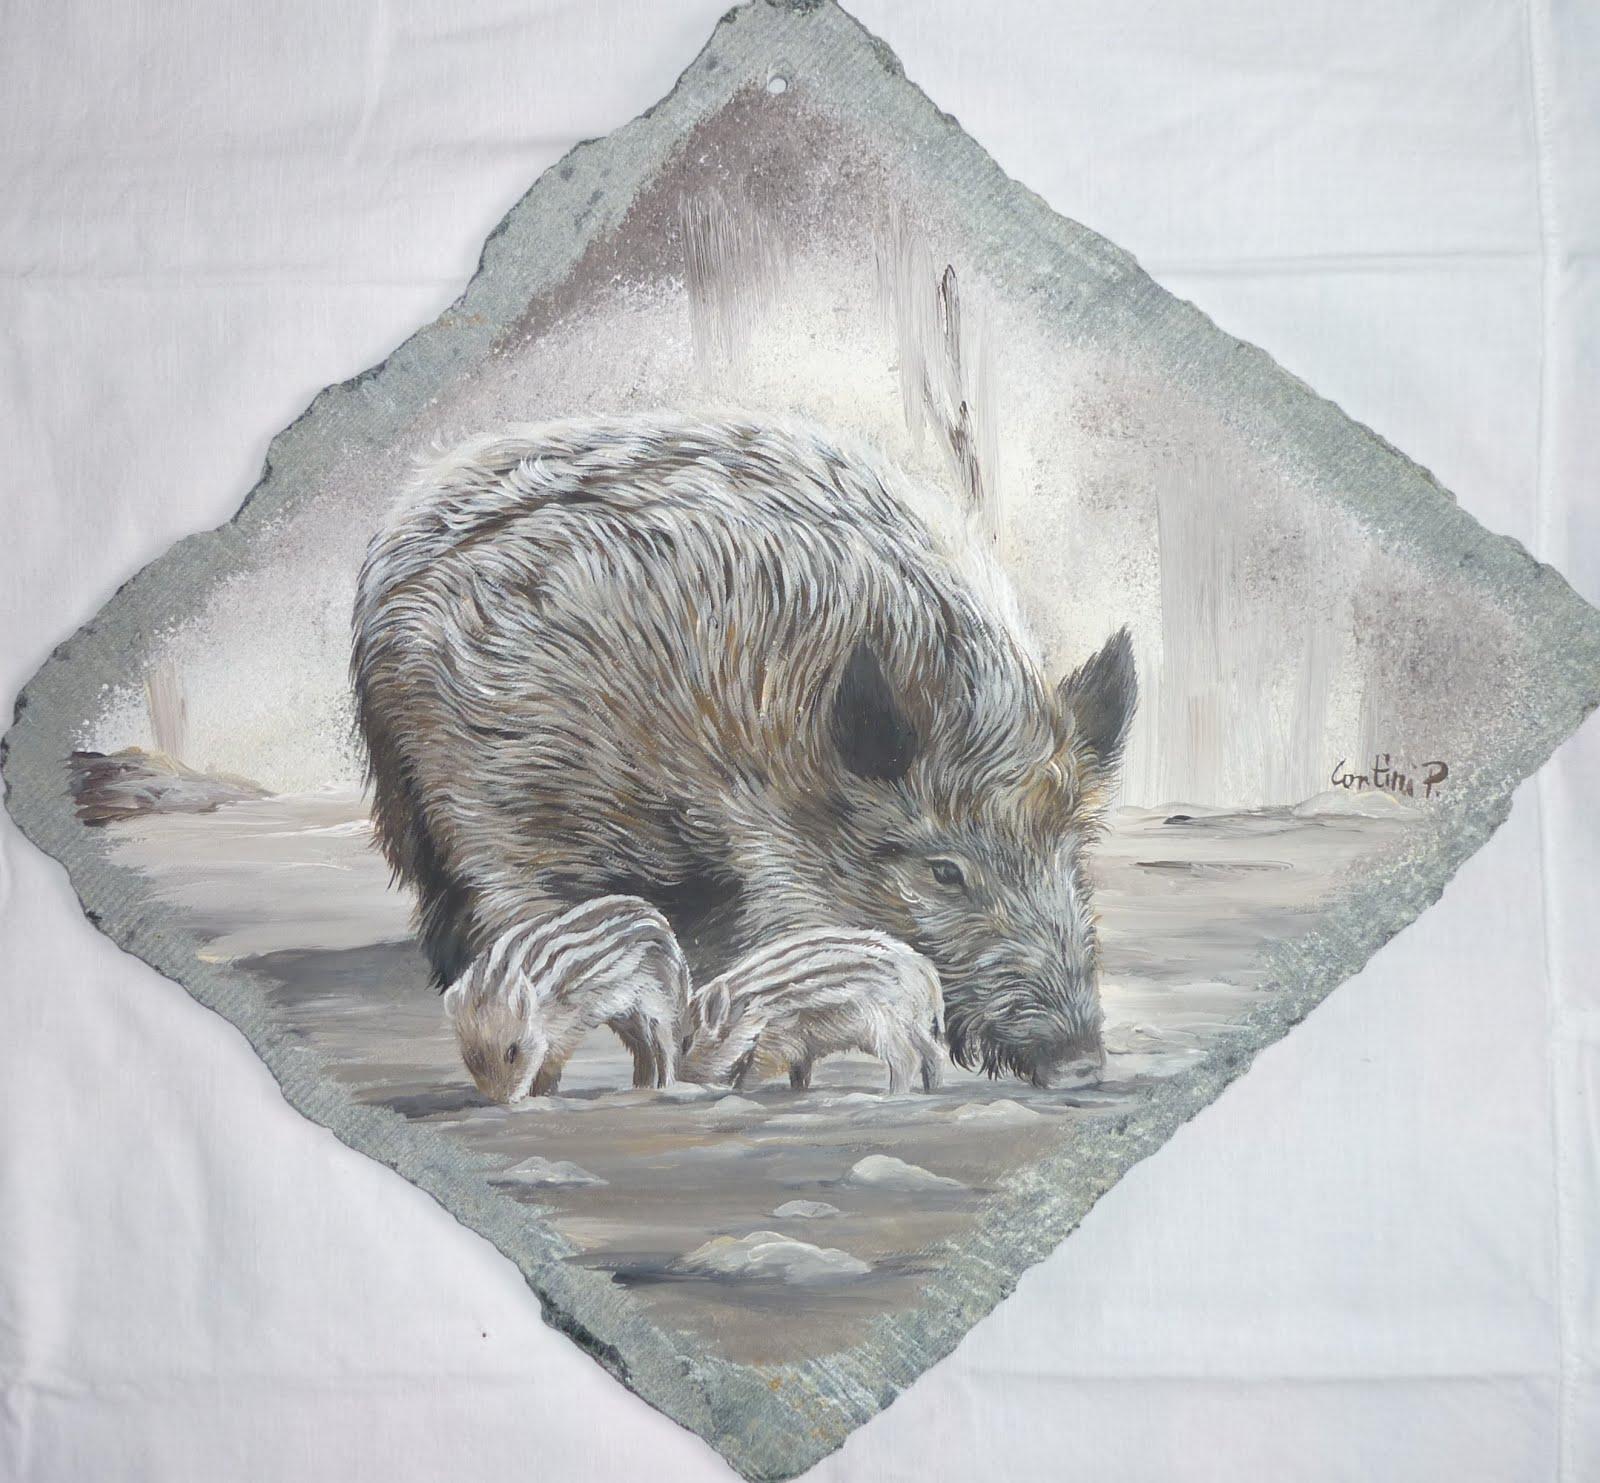 Ritrattista di animali cinghiali - Disegno di immagini di veicoli ...